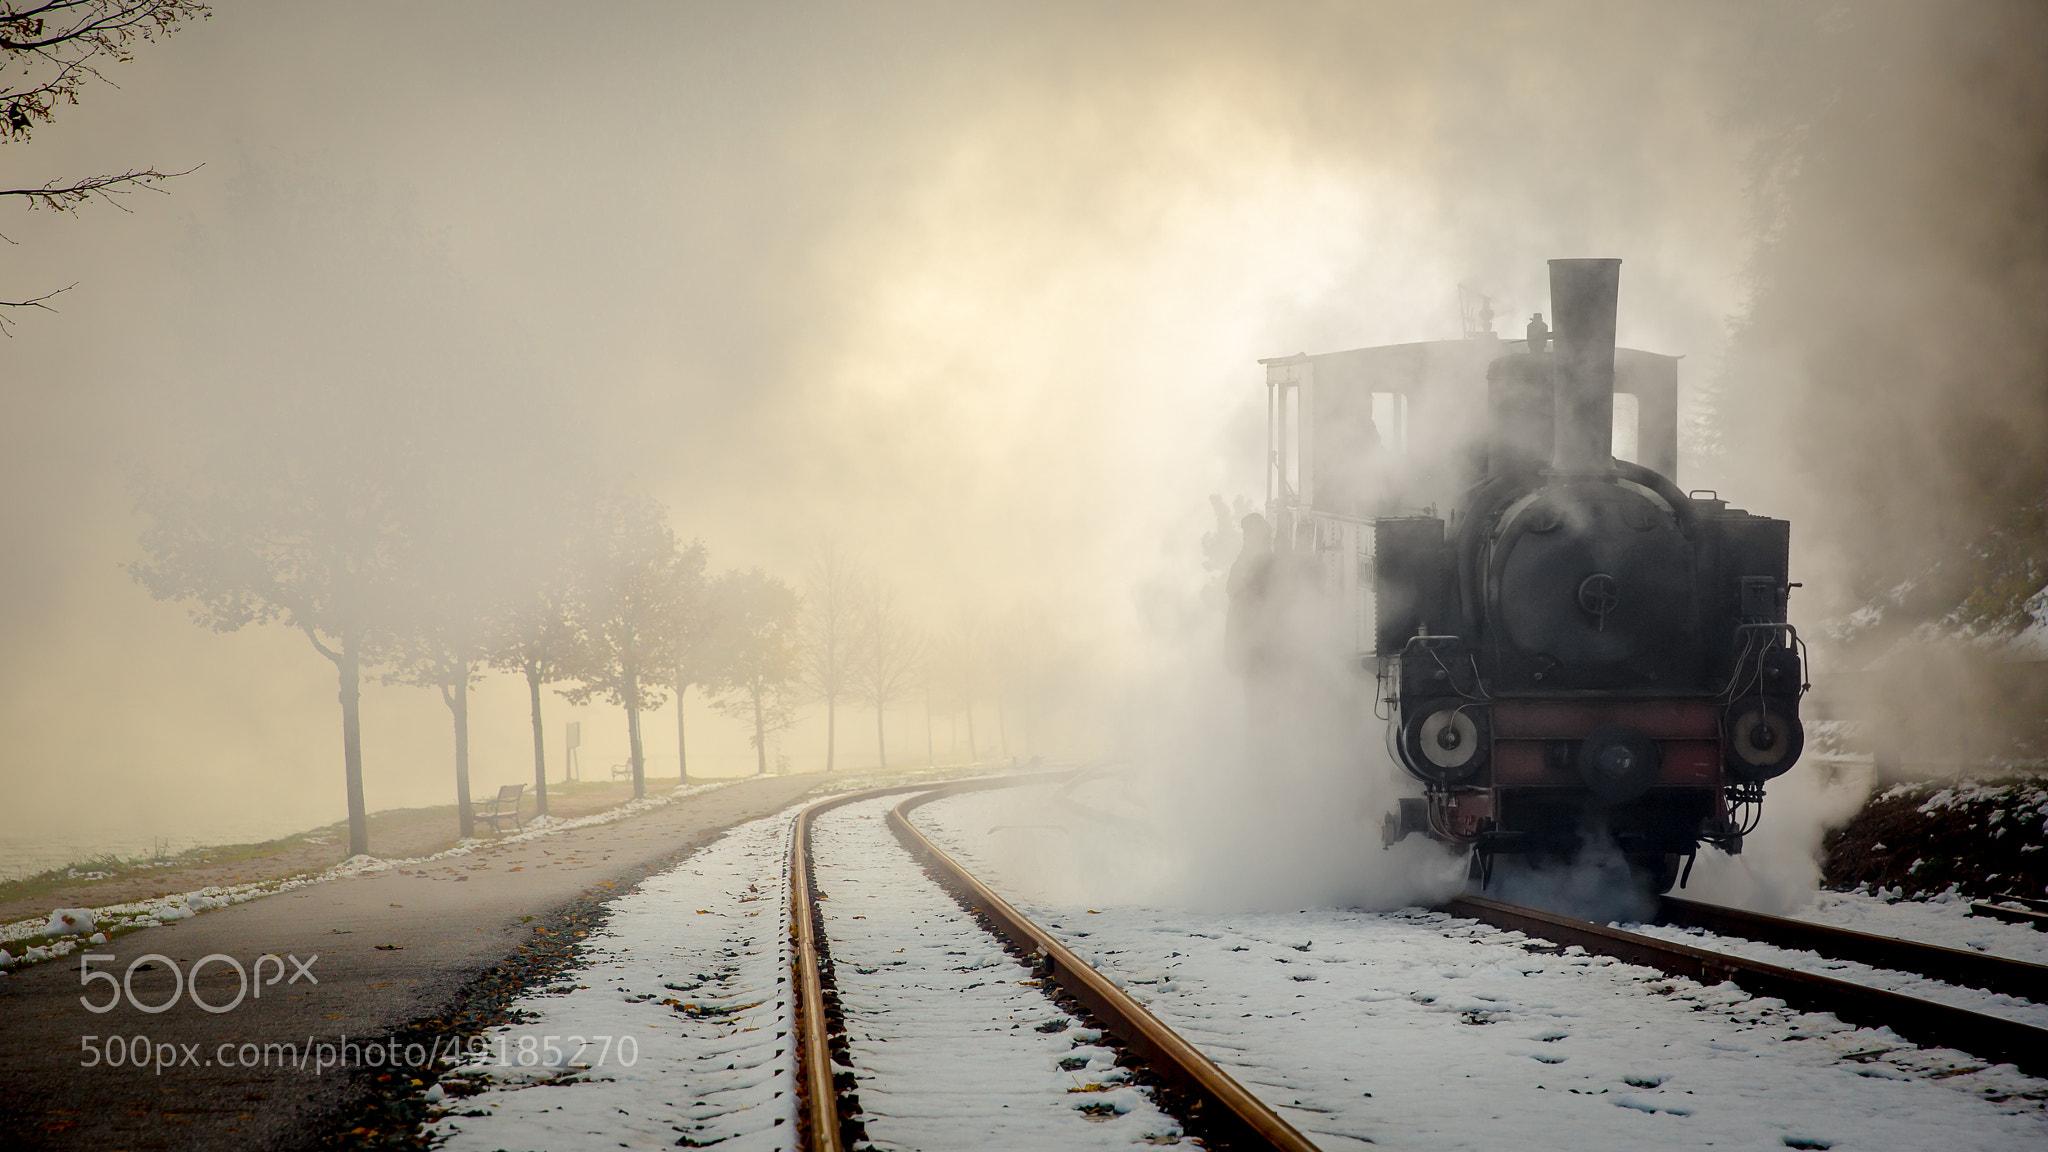 Photograph Steam by Torsten Muehlbacher on 500px